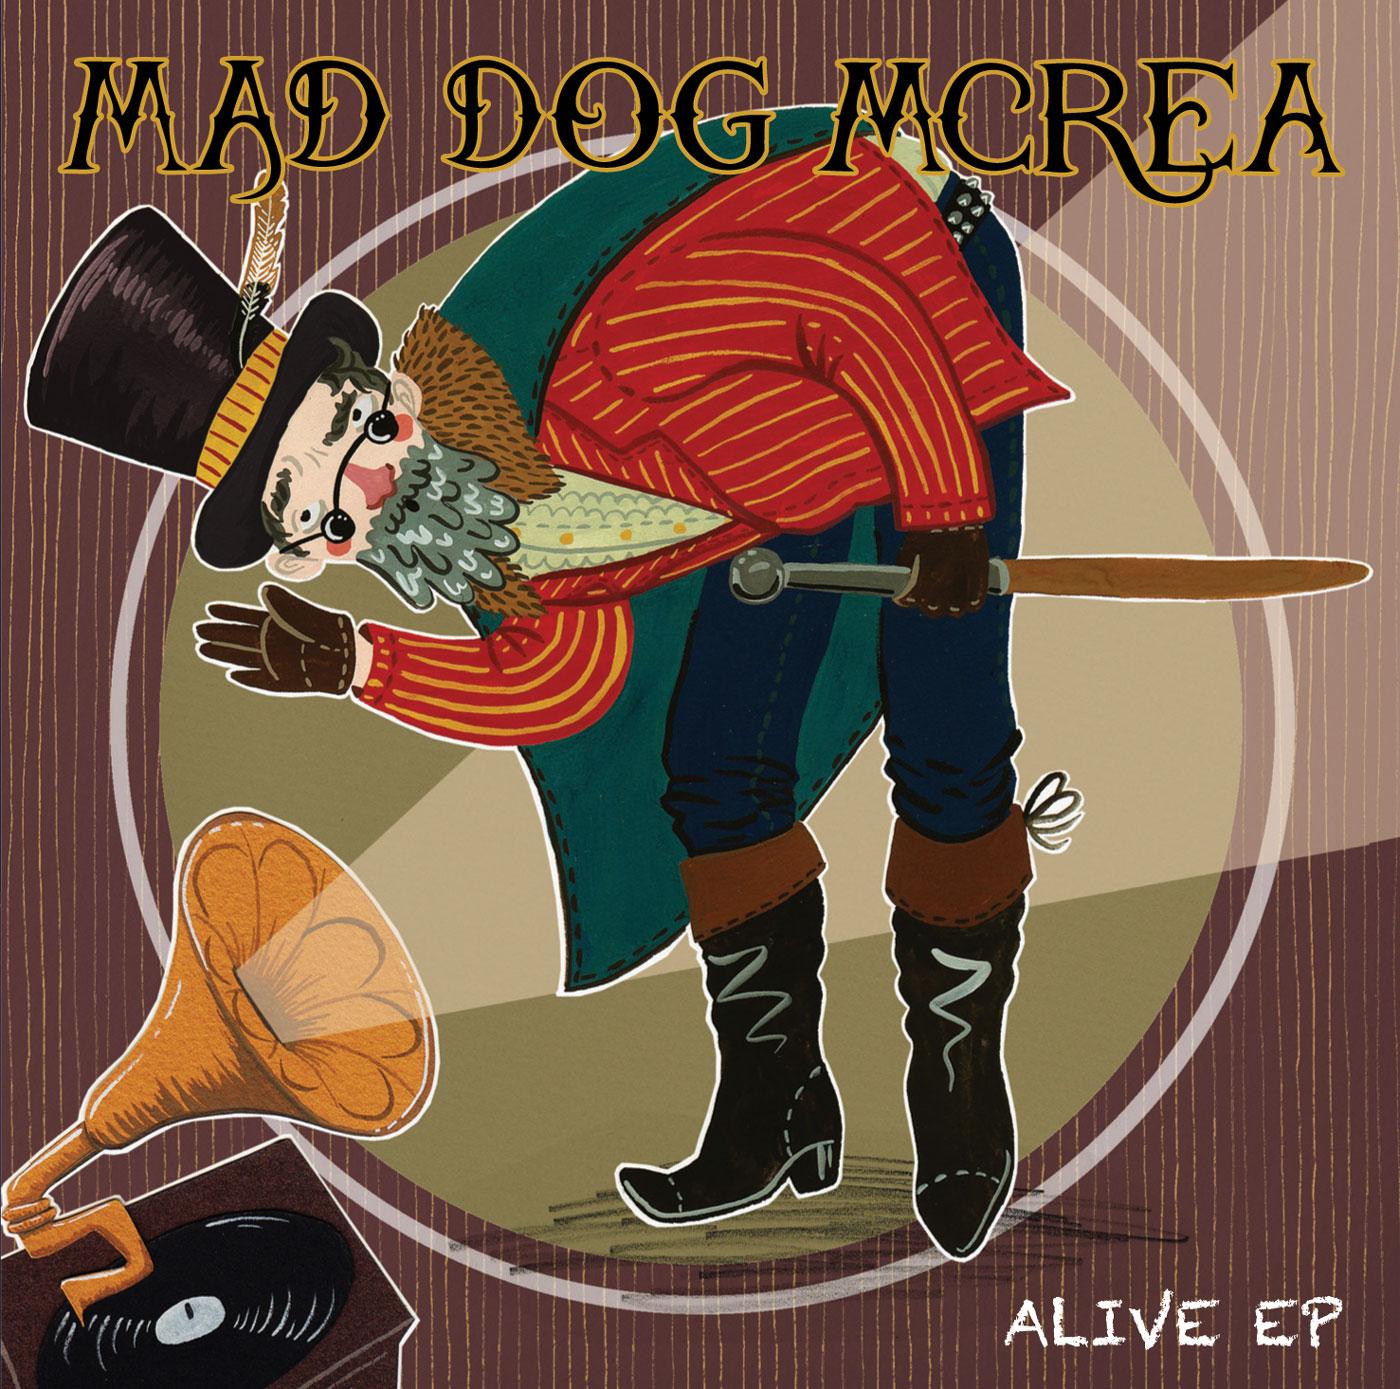 Alive Ep - Mad Dog Mcrea